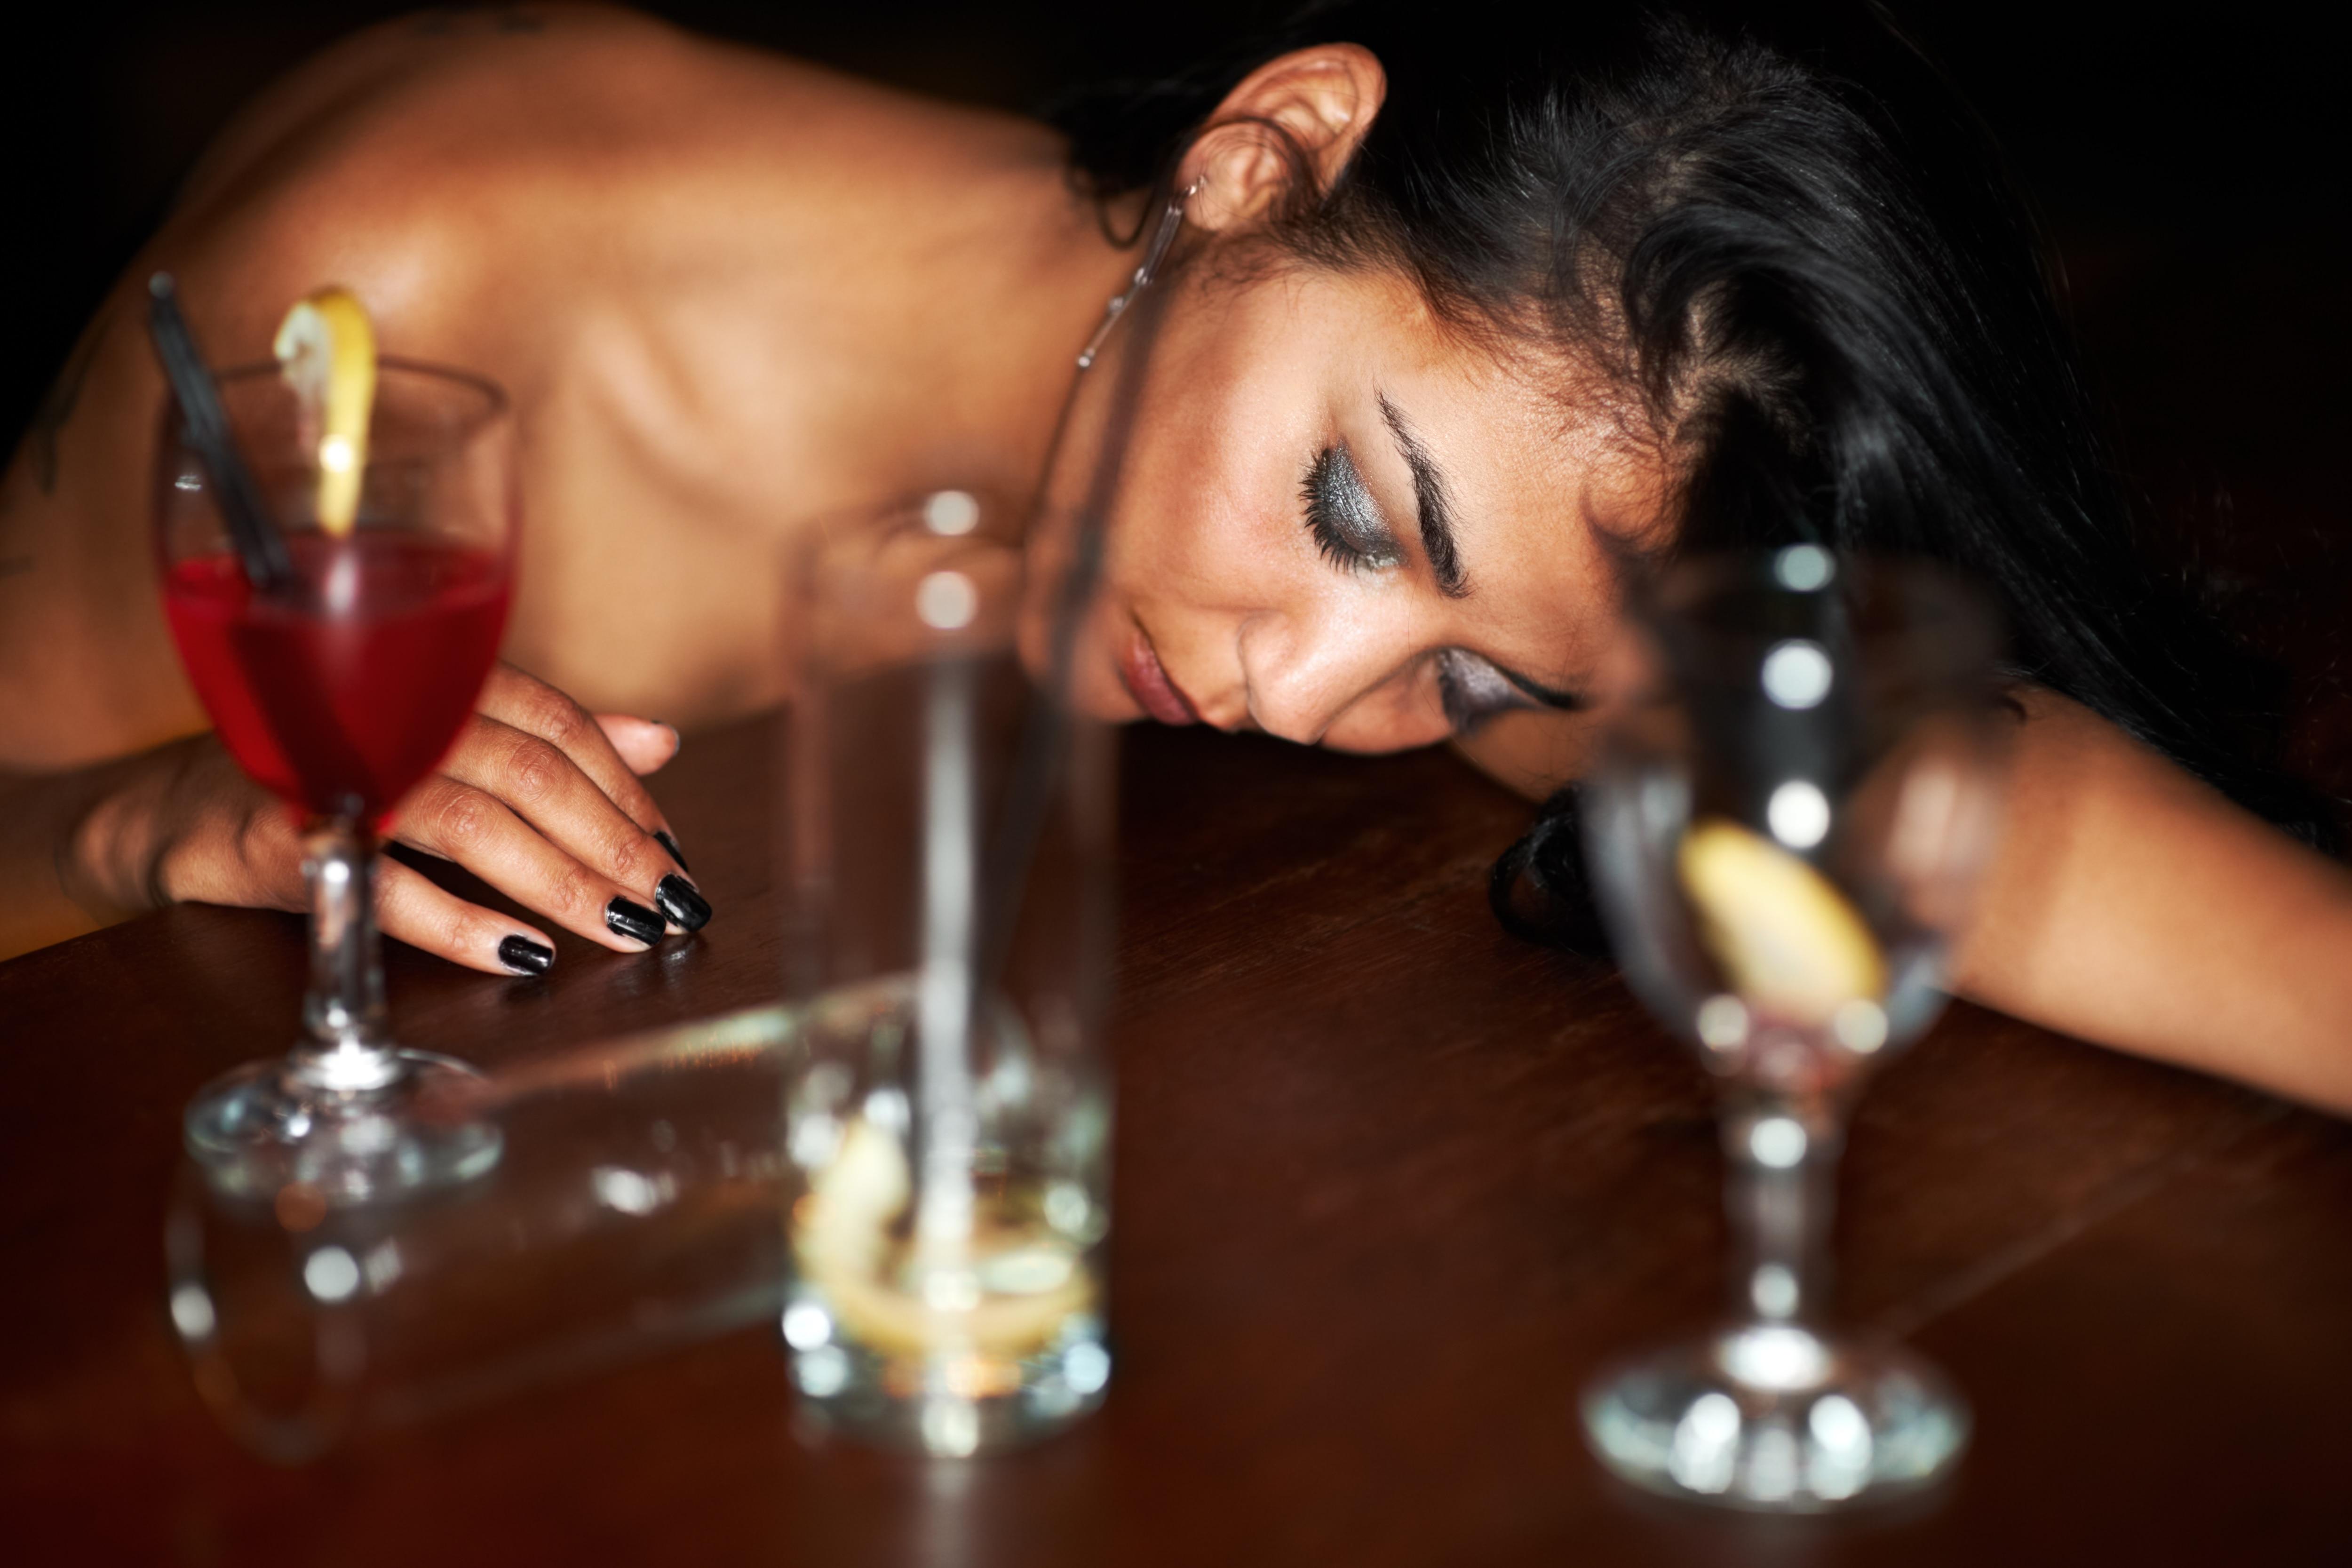 Mit Diesen 9 Tricks Starten Sie Ohne Alkoholfahne In Den Tag Blick